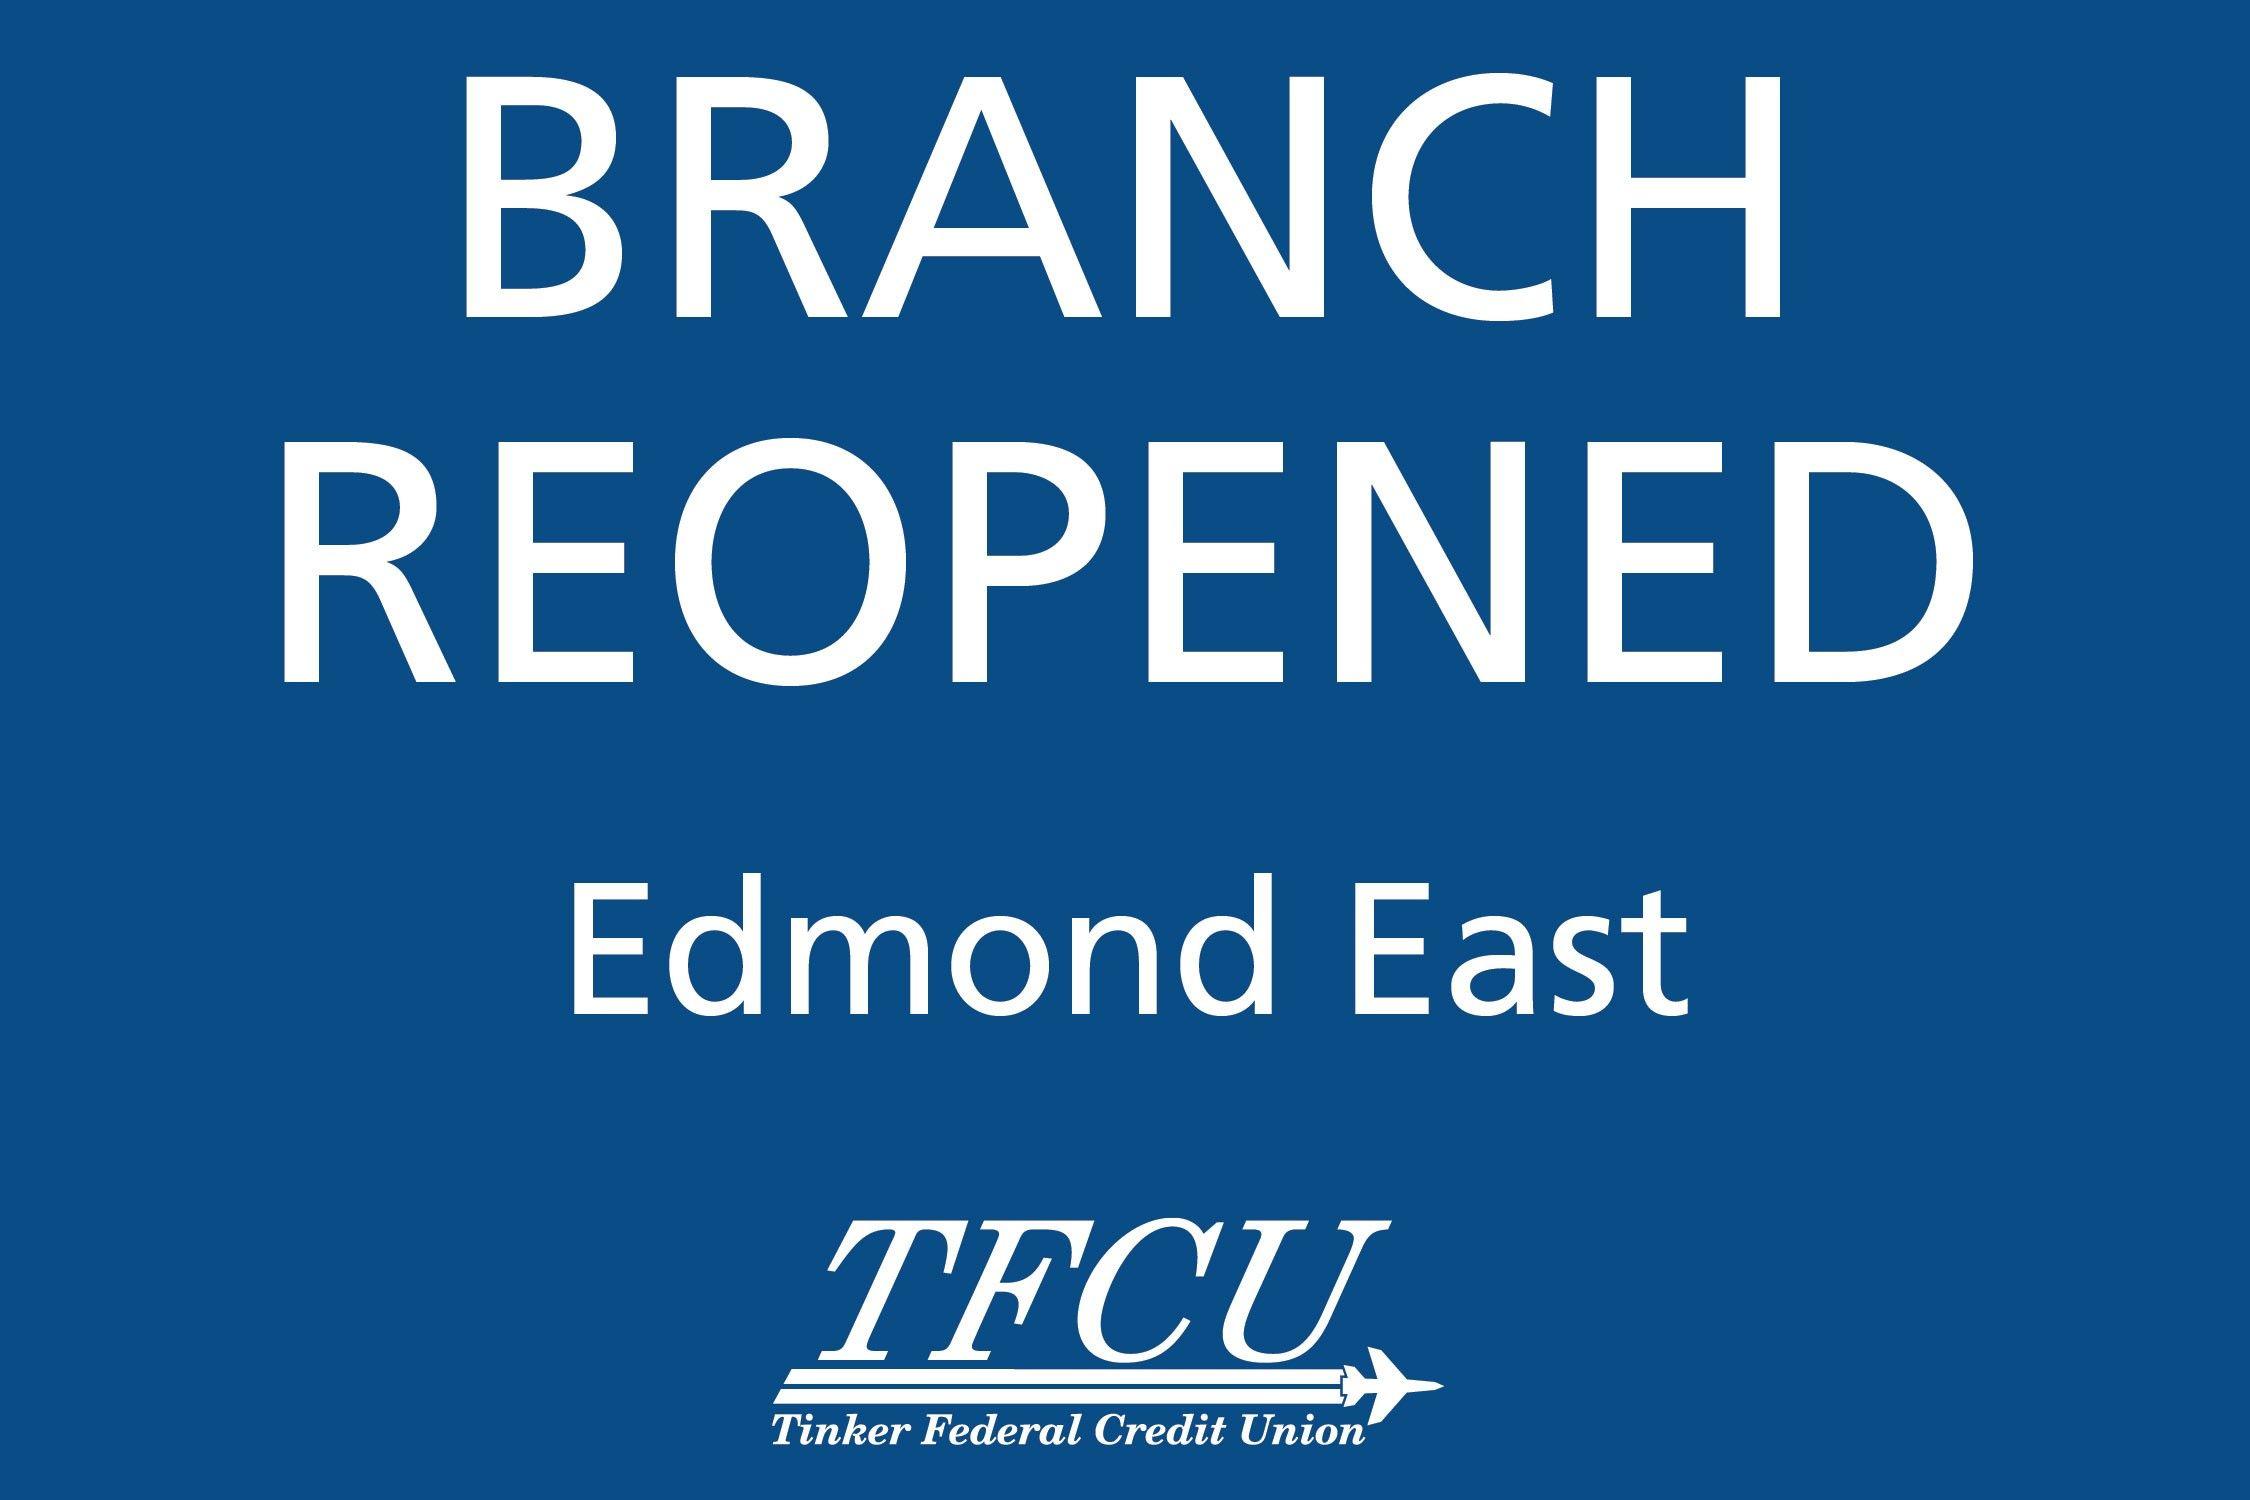 Edmond East Reopened